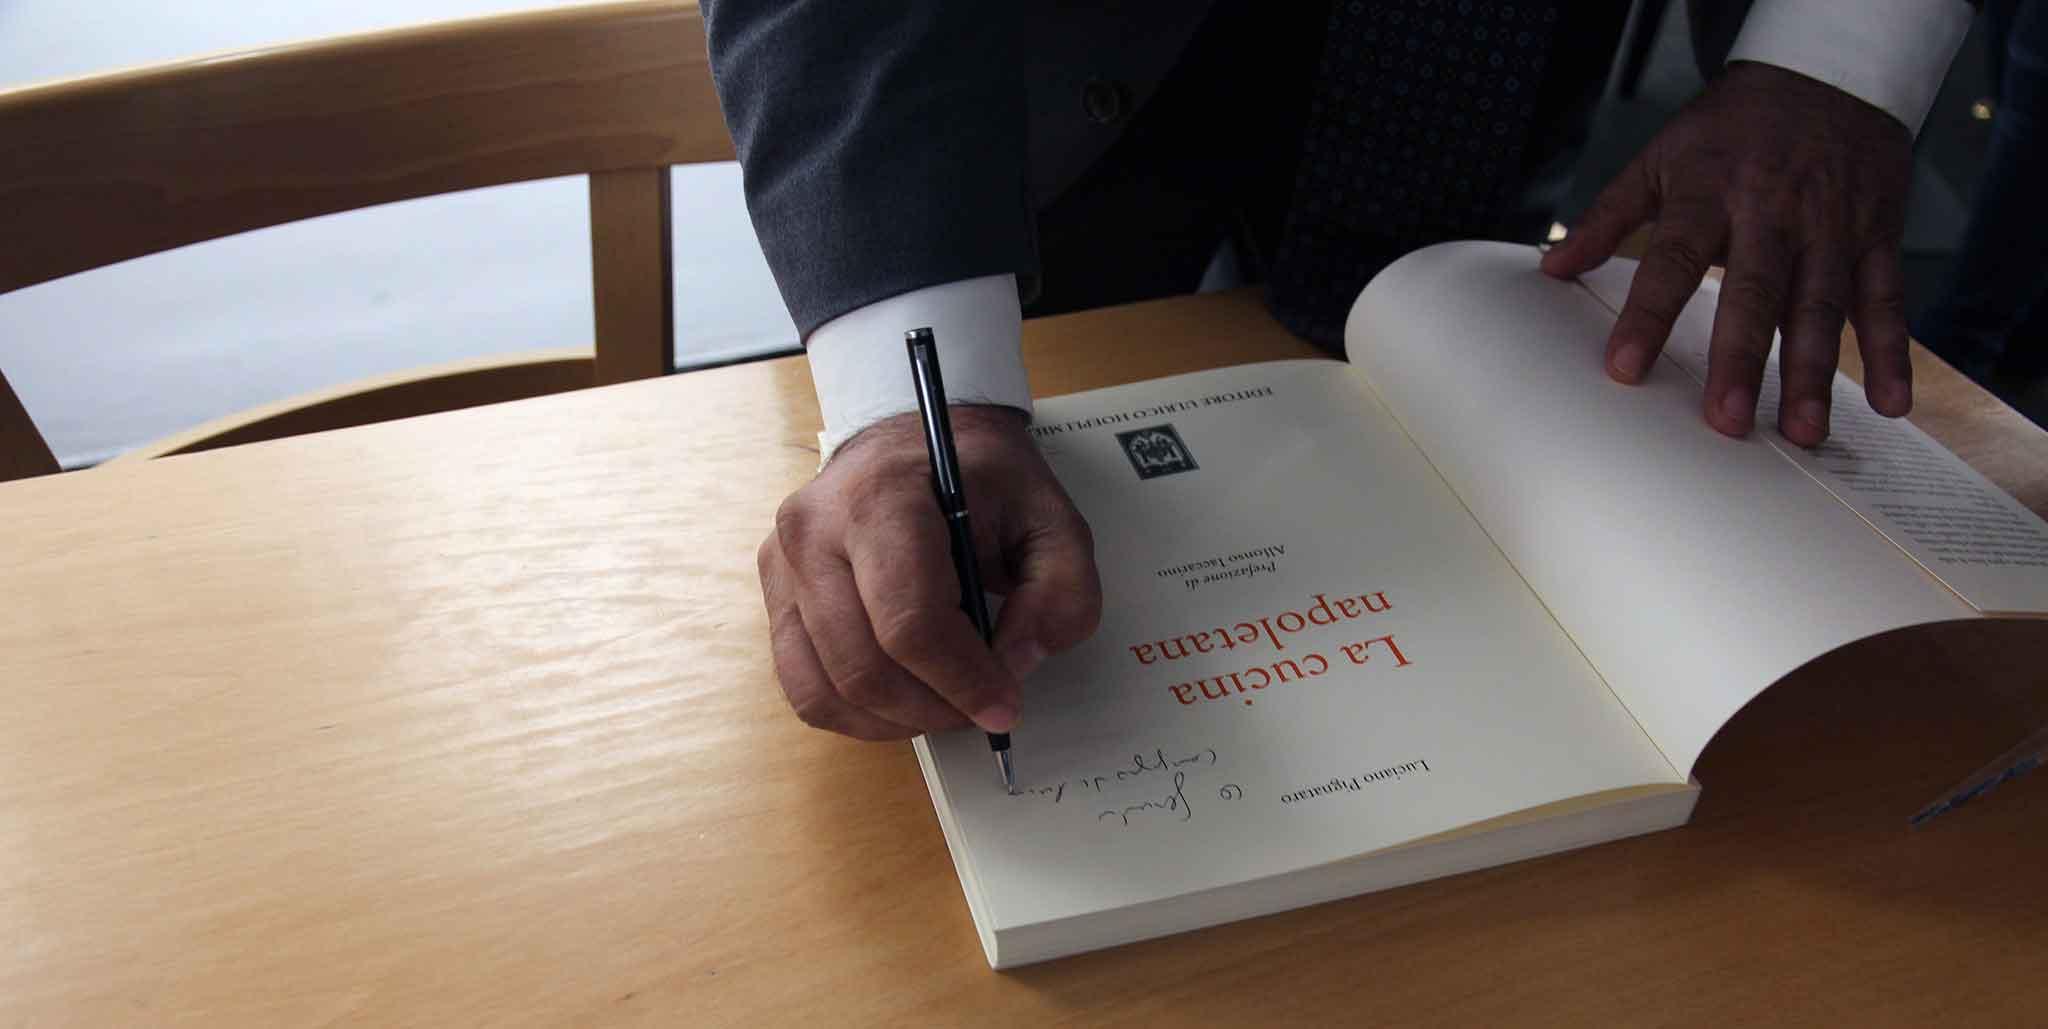 La cucina napoletana il libro di luciano pignataro che non solo pizza - Il libro di cucina hoepli pdf ...